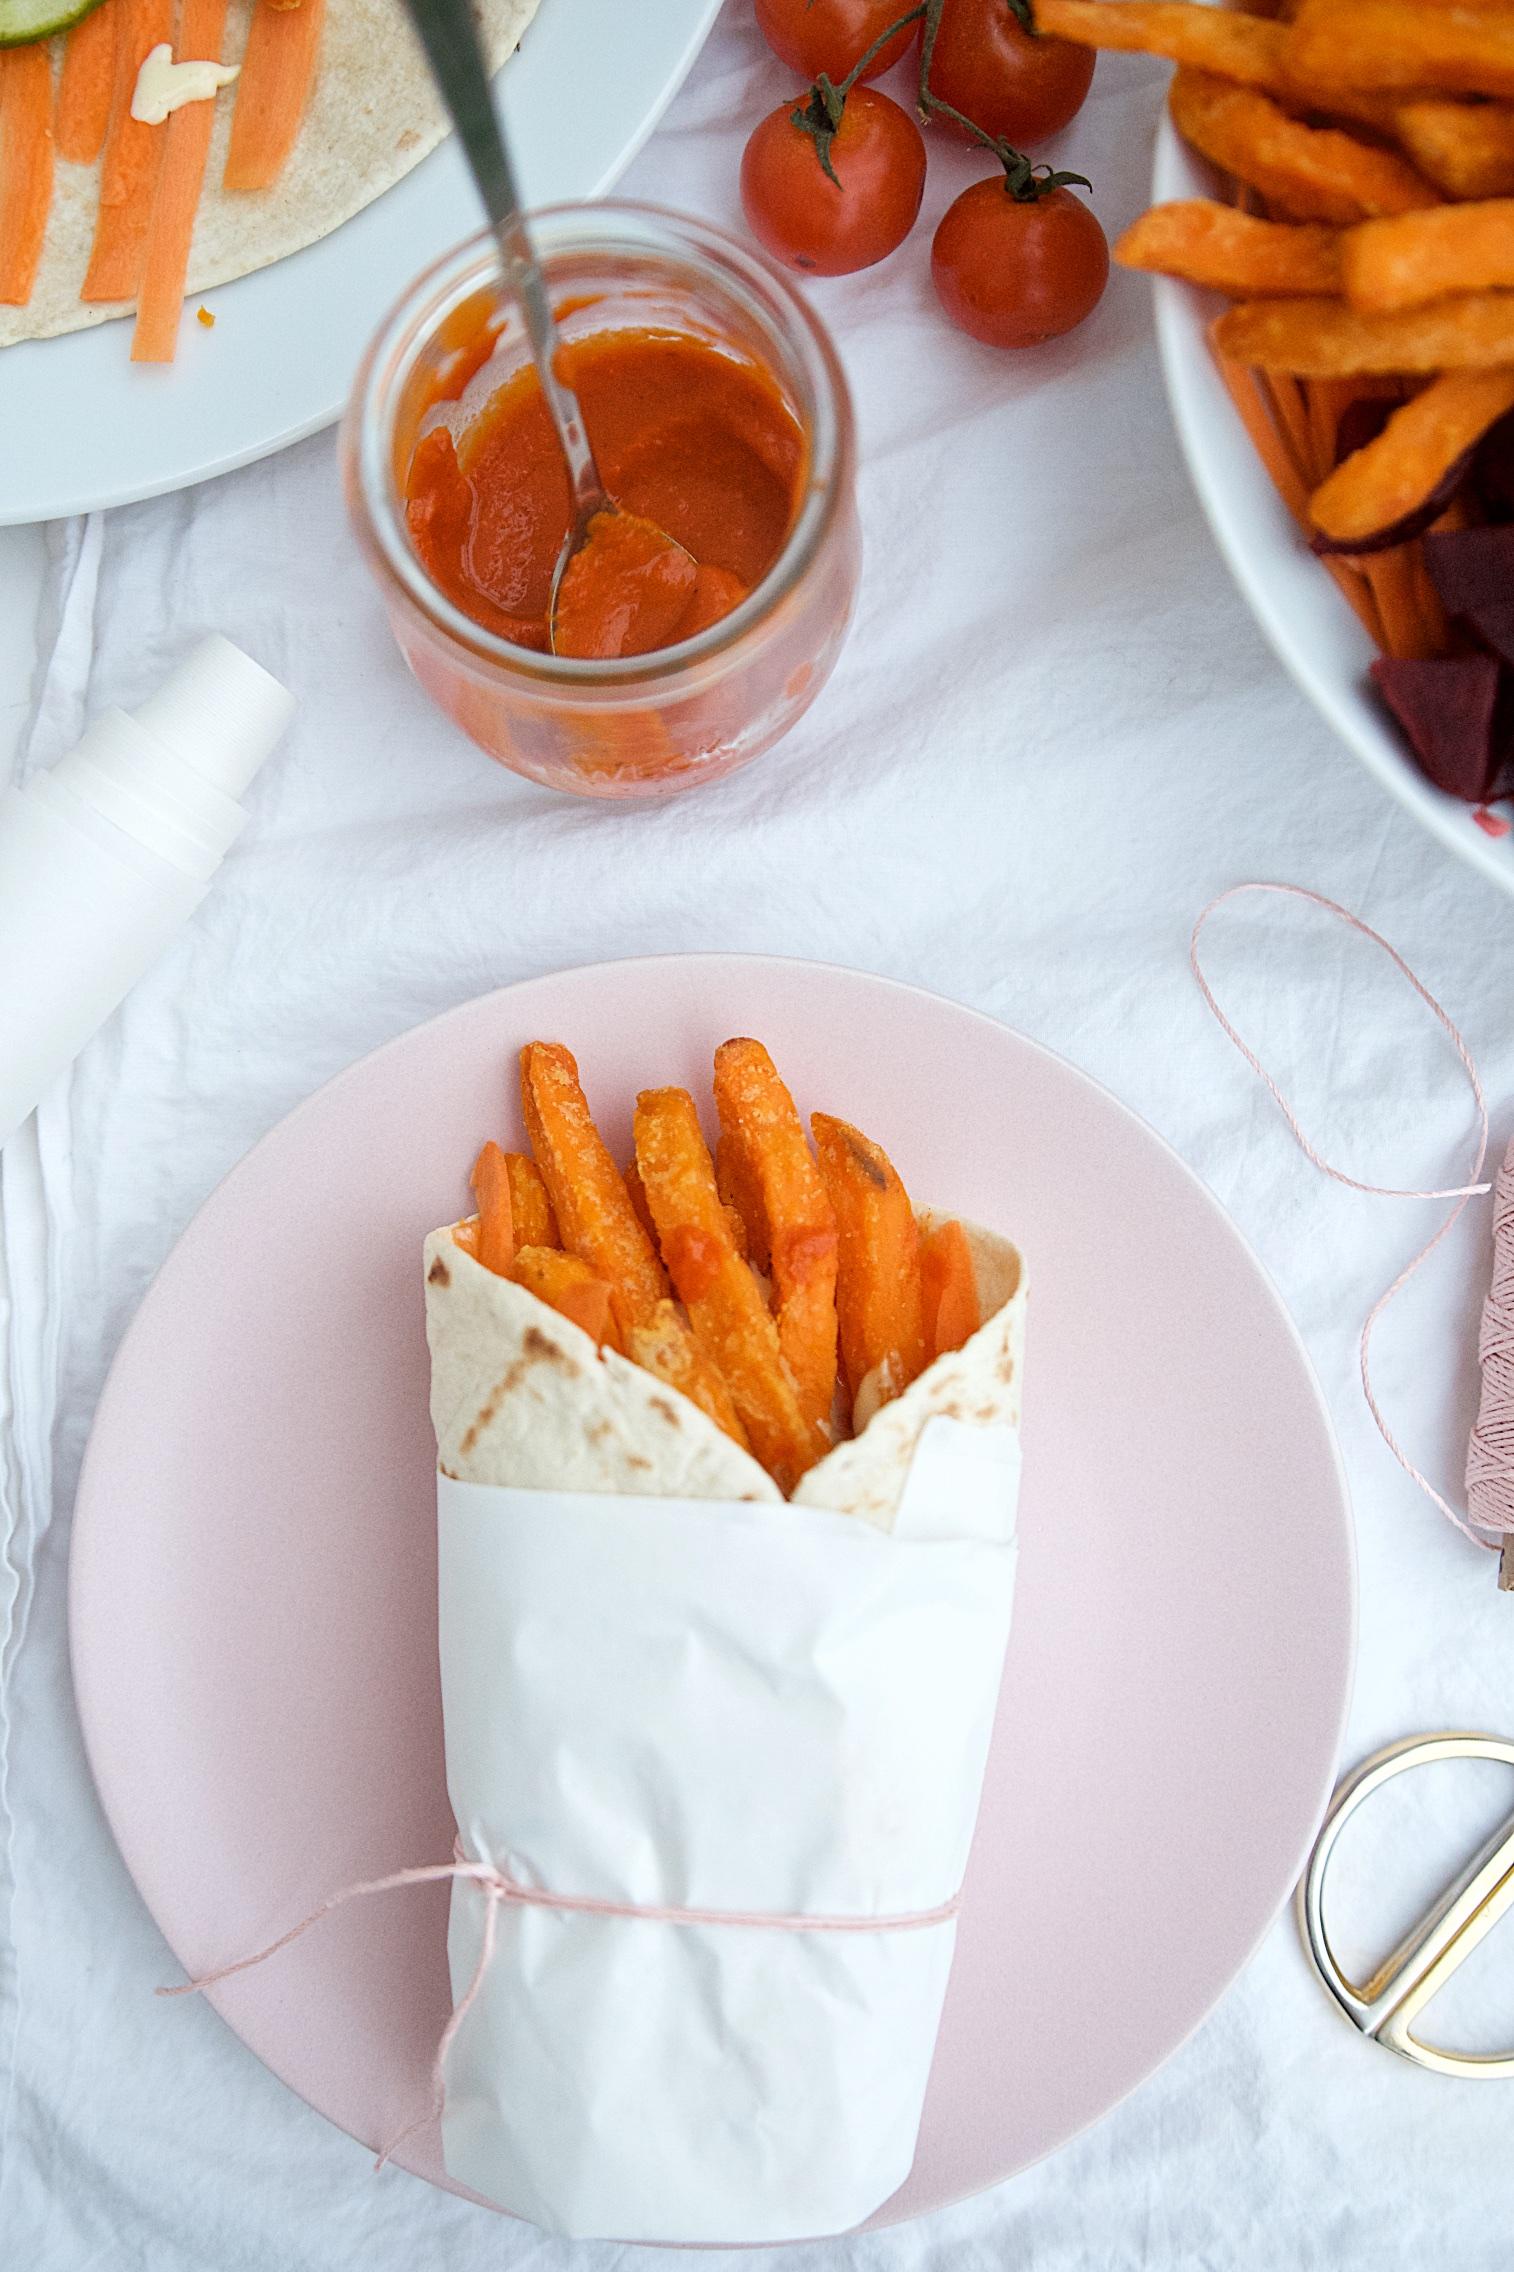 Süßkartoffelpommes-Wrap mit Gemüse und selbstgemachter Mayonnaise | Pinkepank (2)